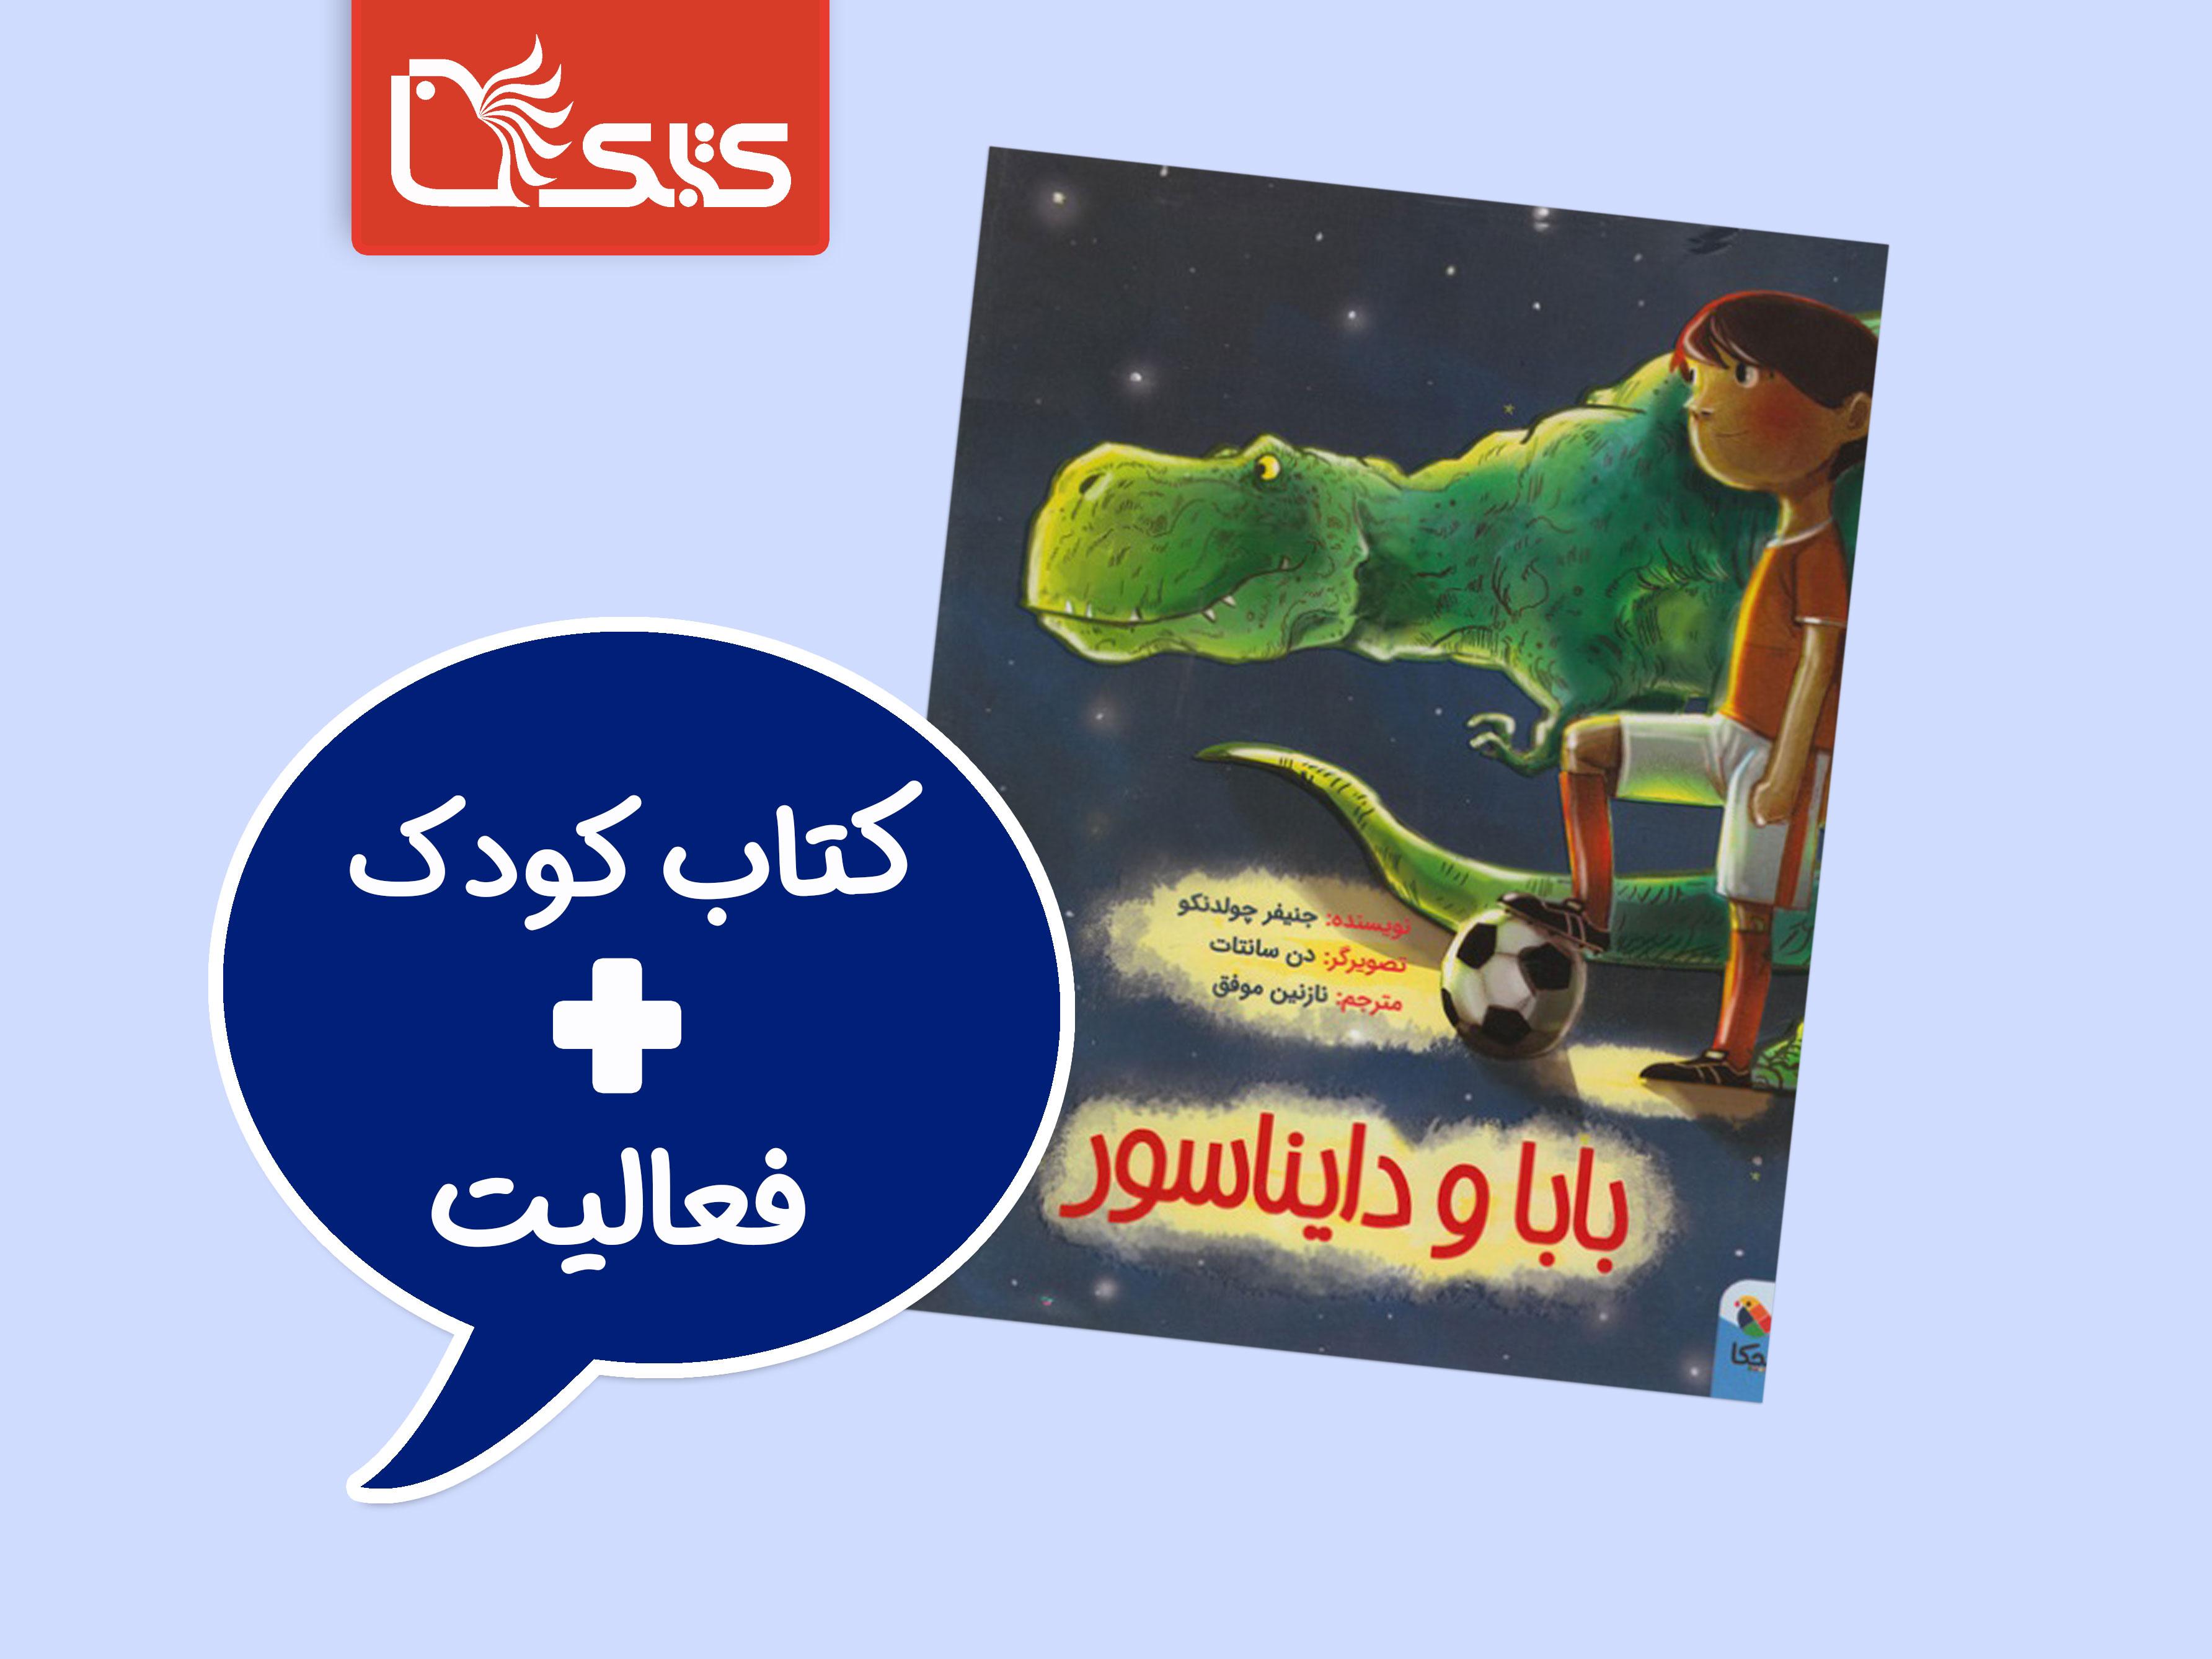 فعالیت پیشنهادی برای کتاب بابا و دایناسور